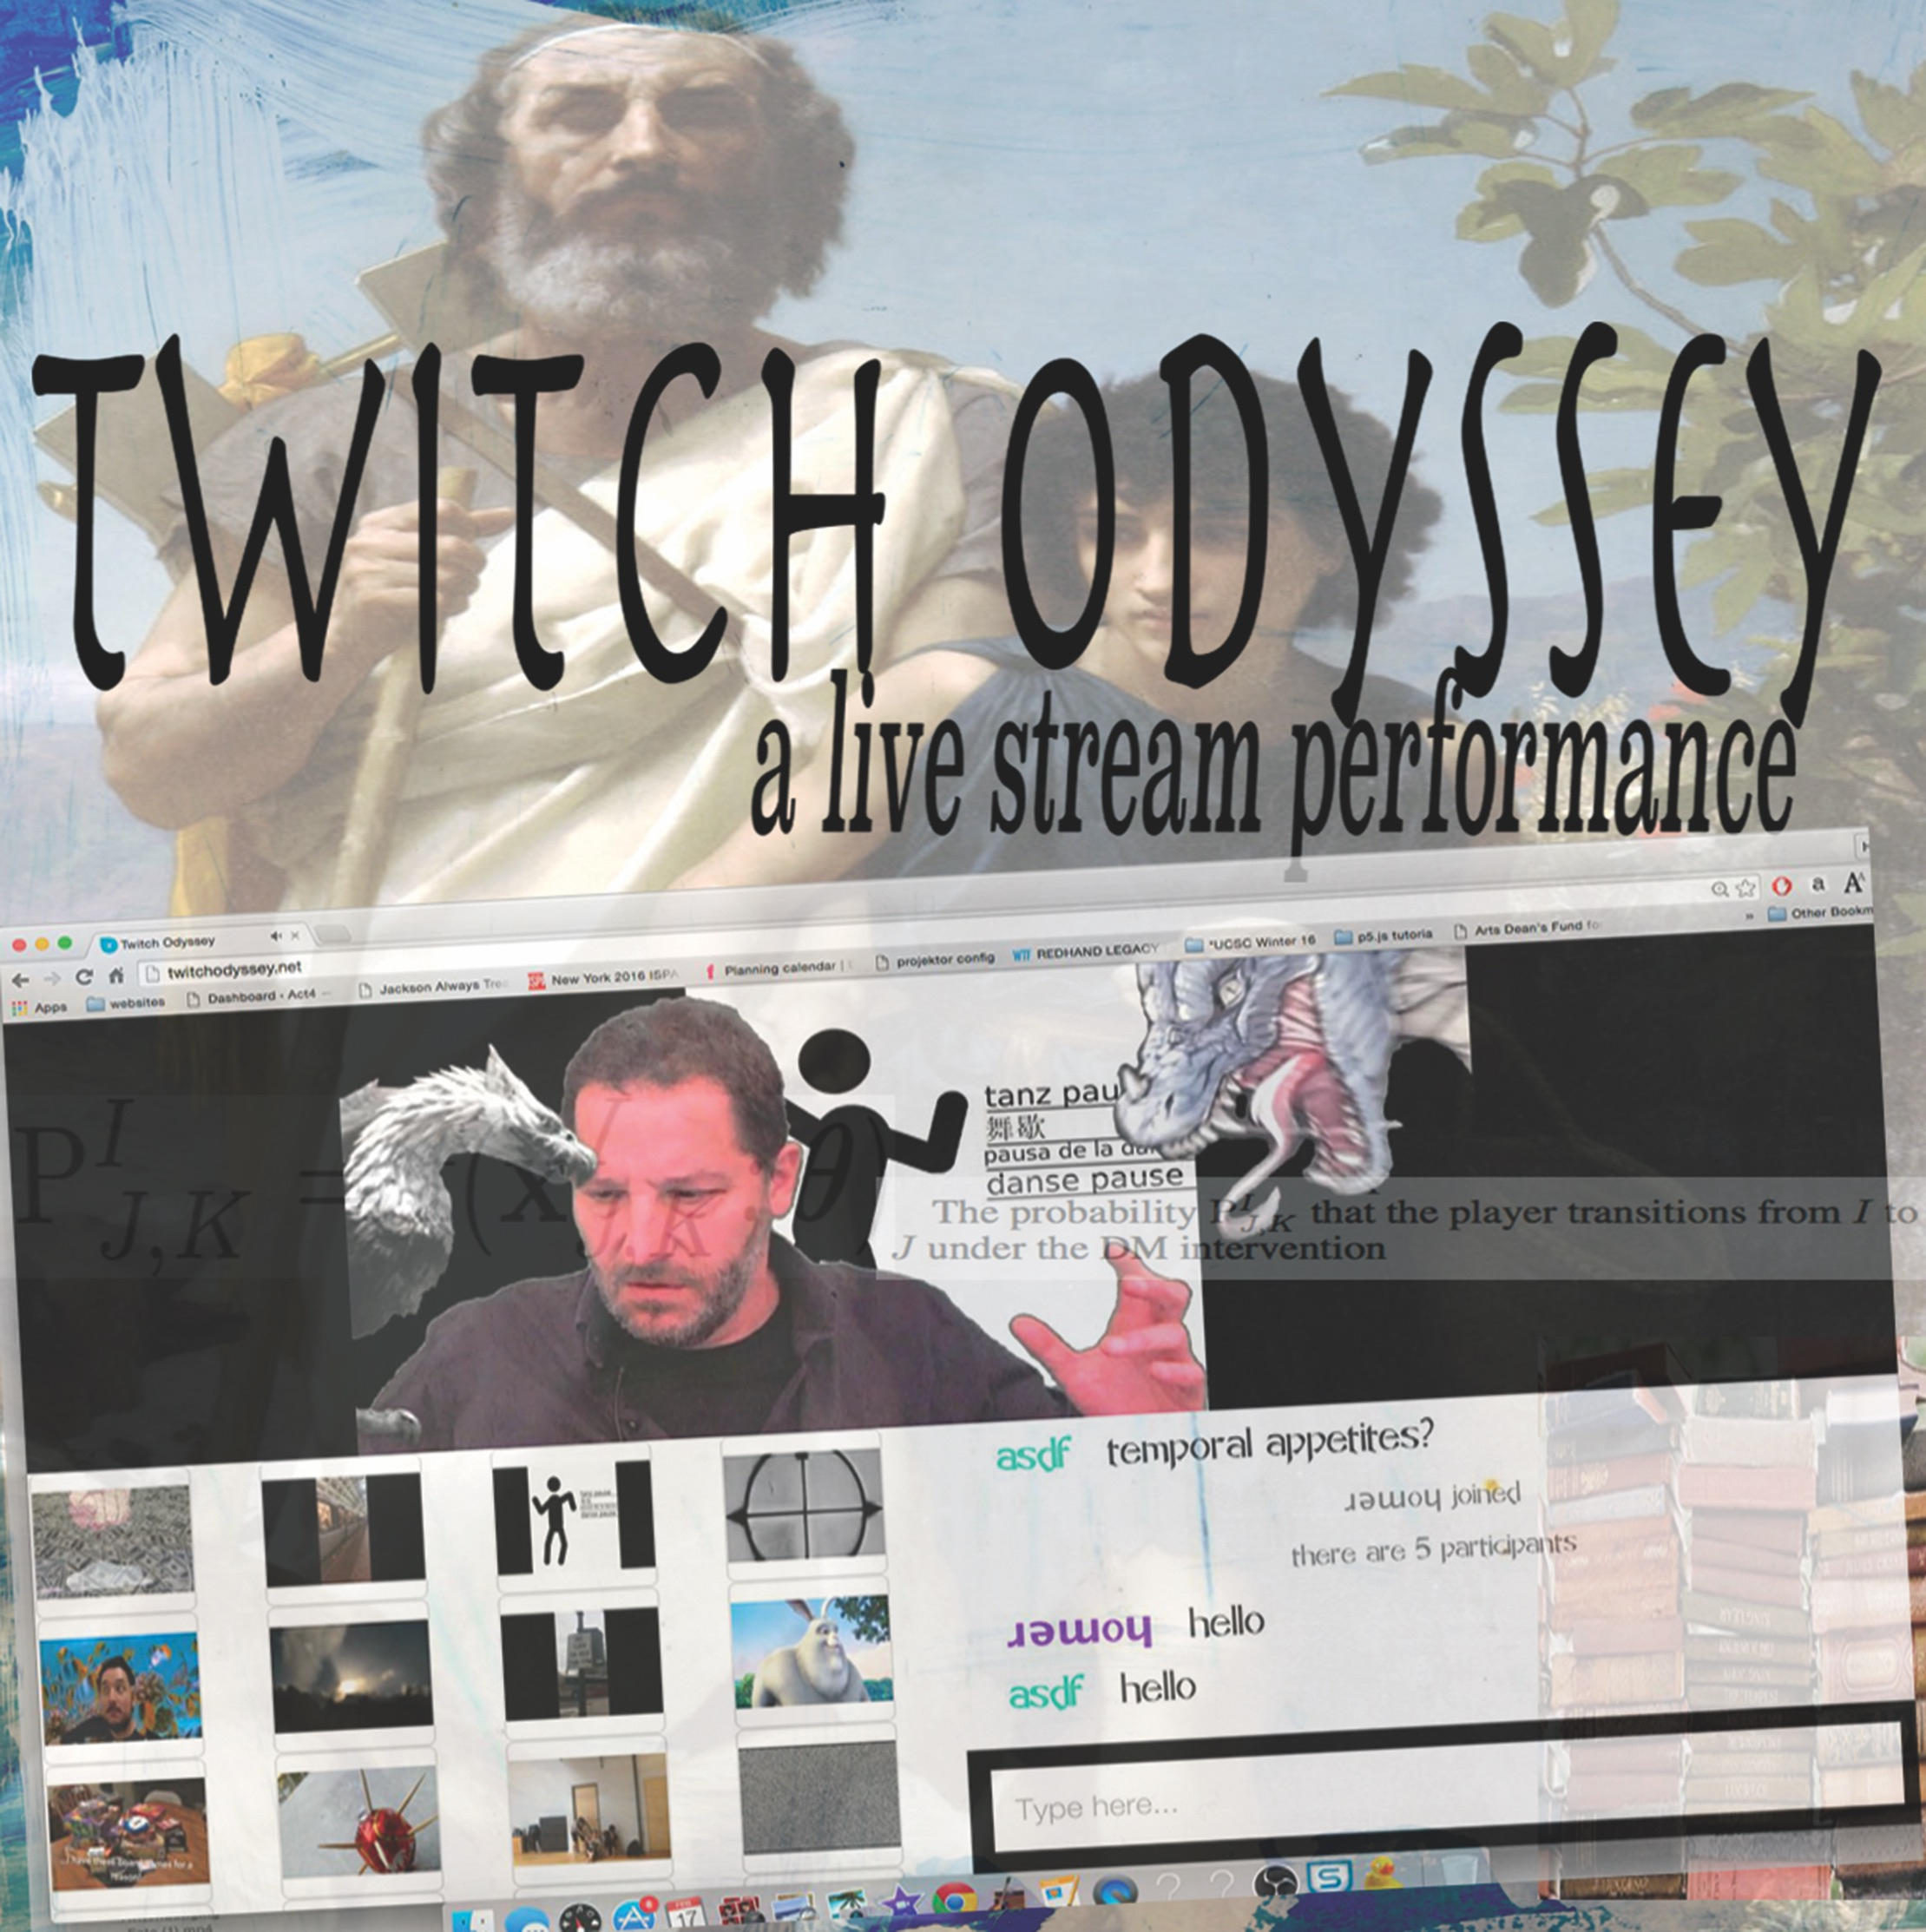 Twitch Odyssey